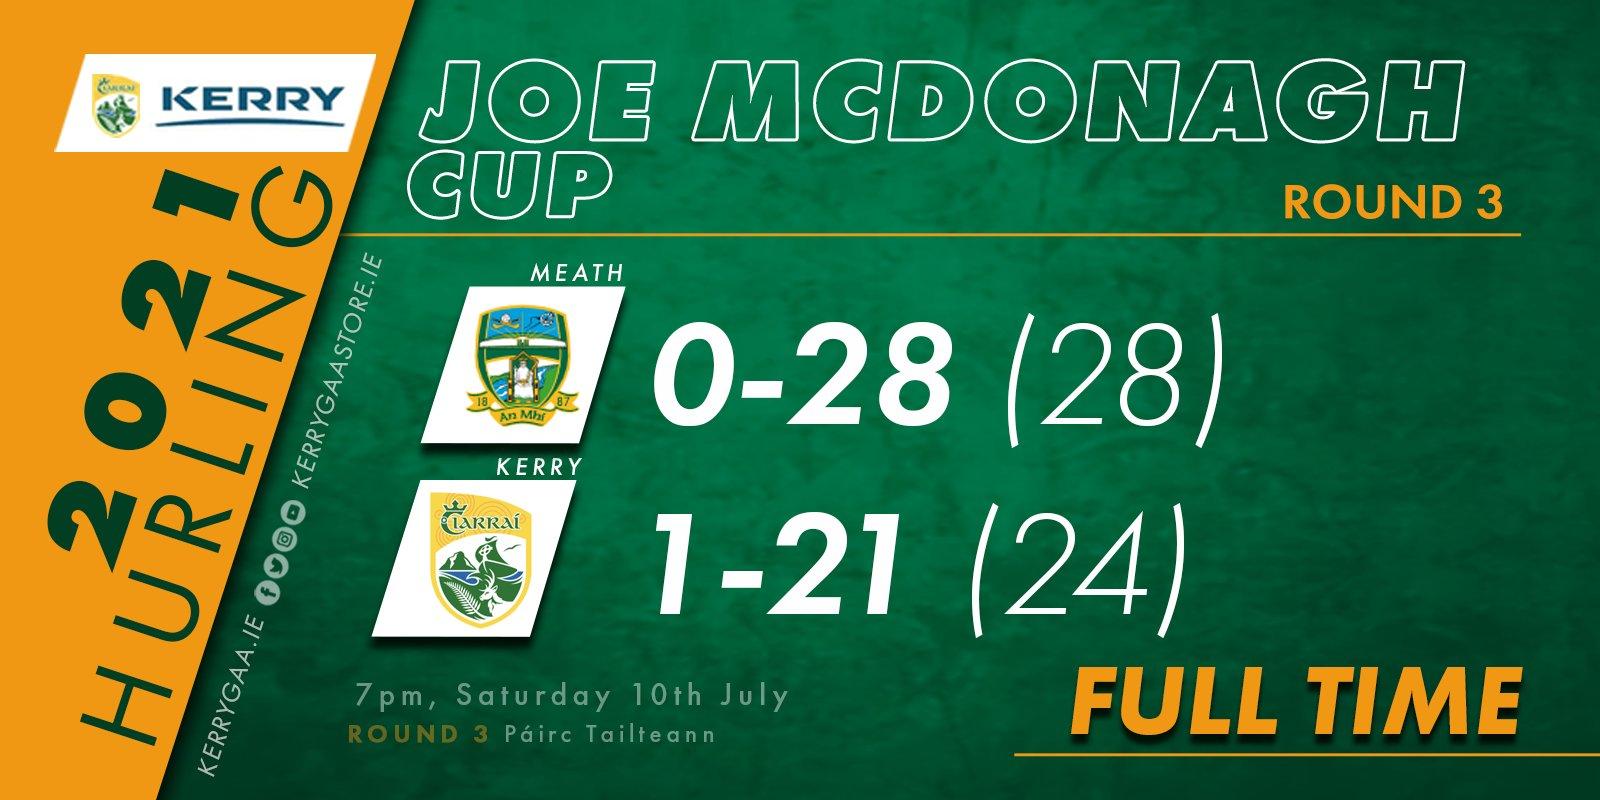 Joe McDonagh Final place secured despite Meath defeat